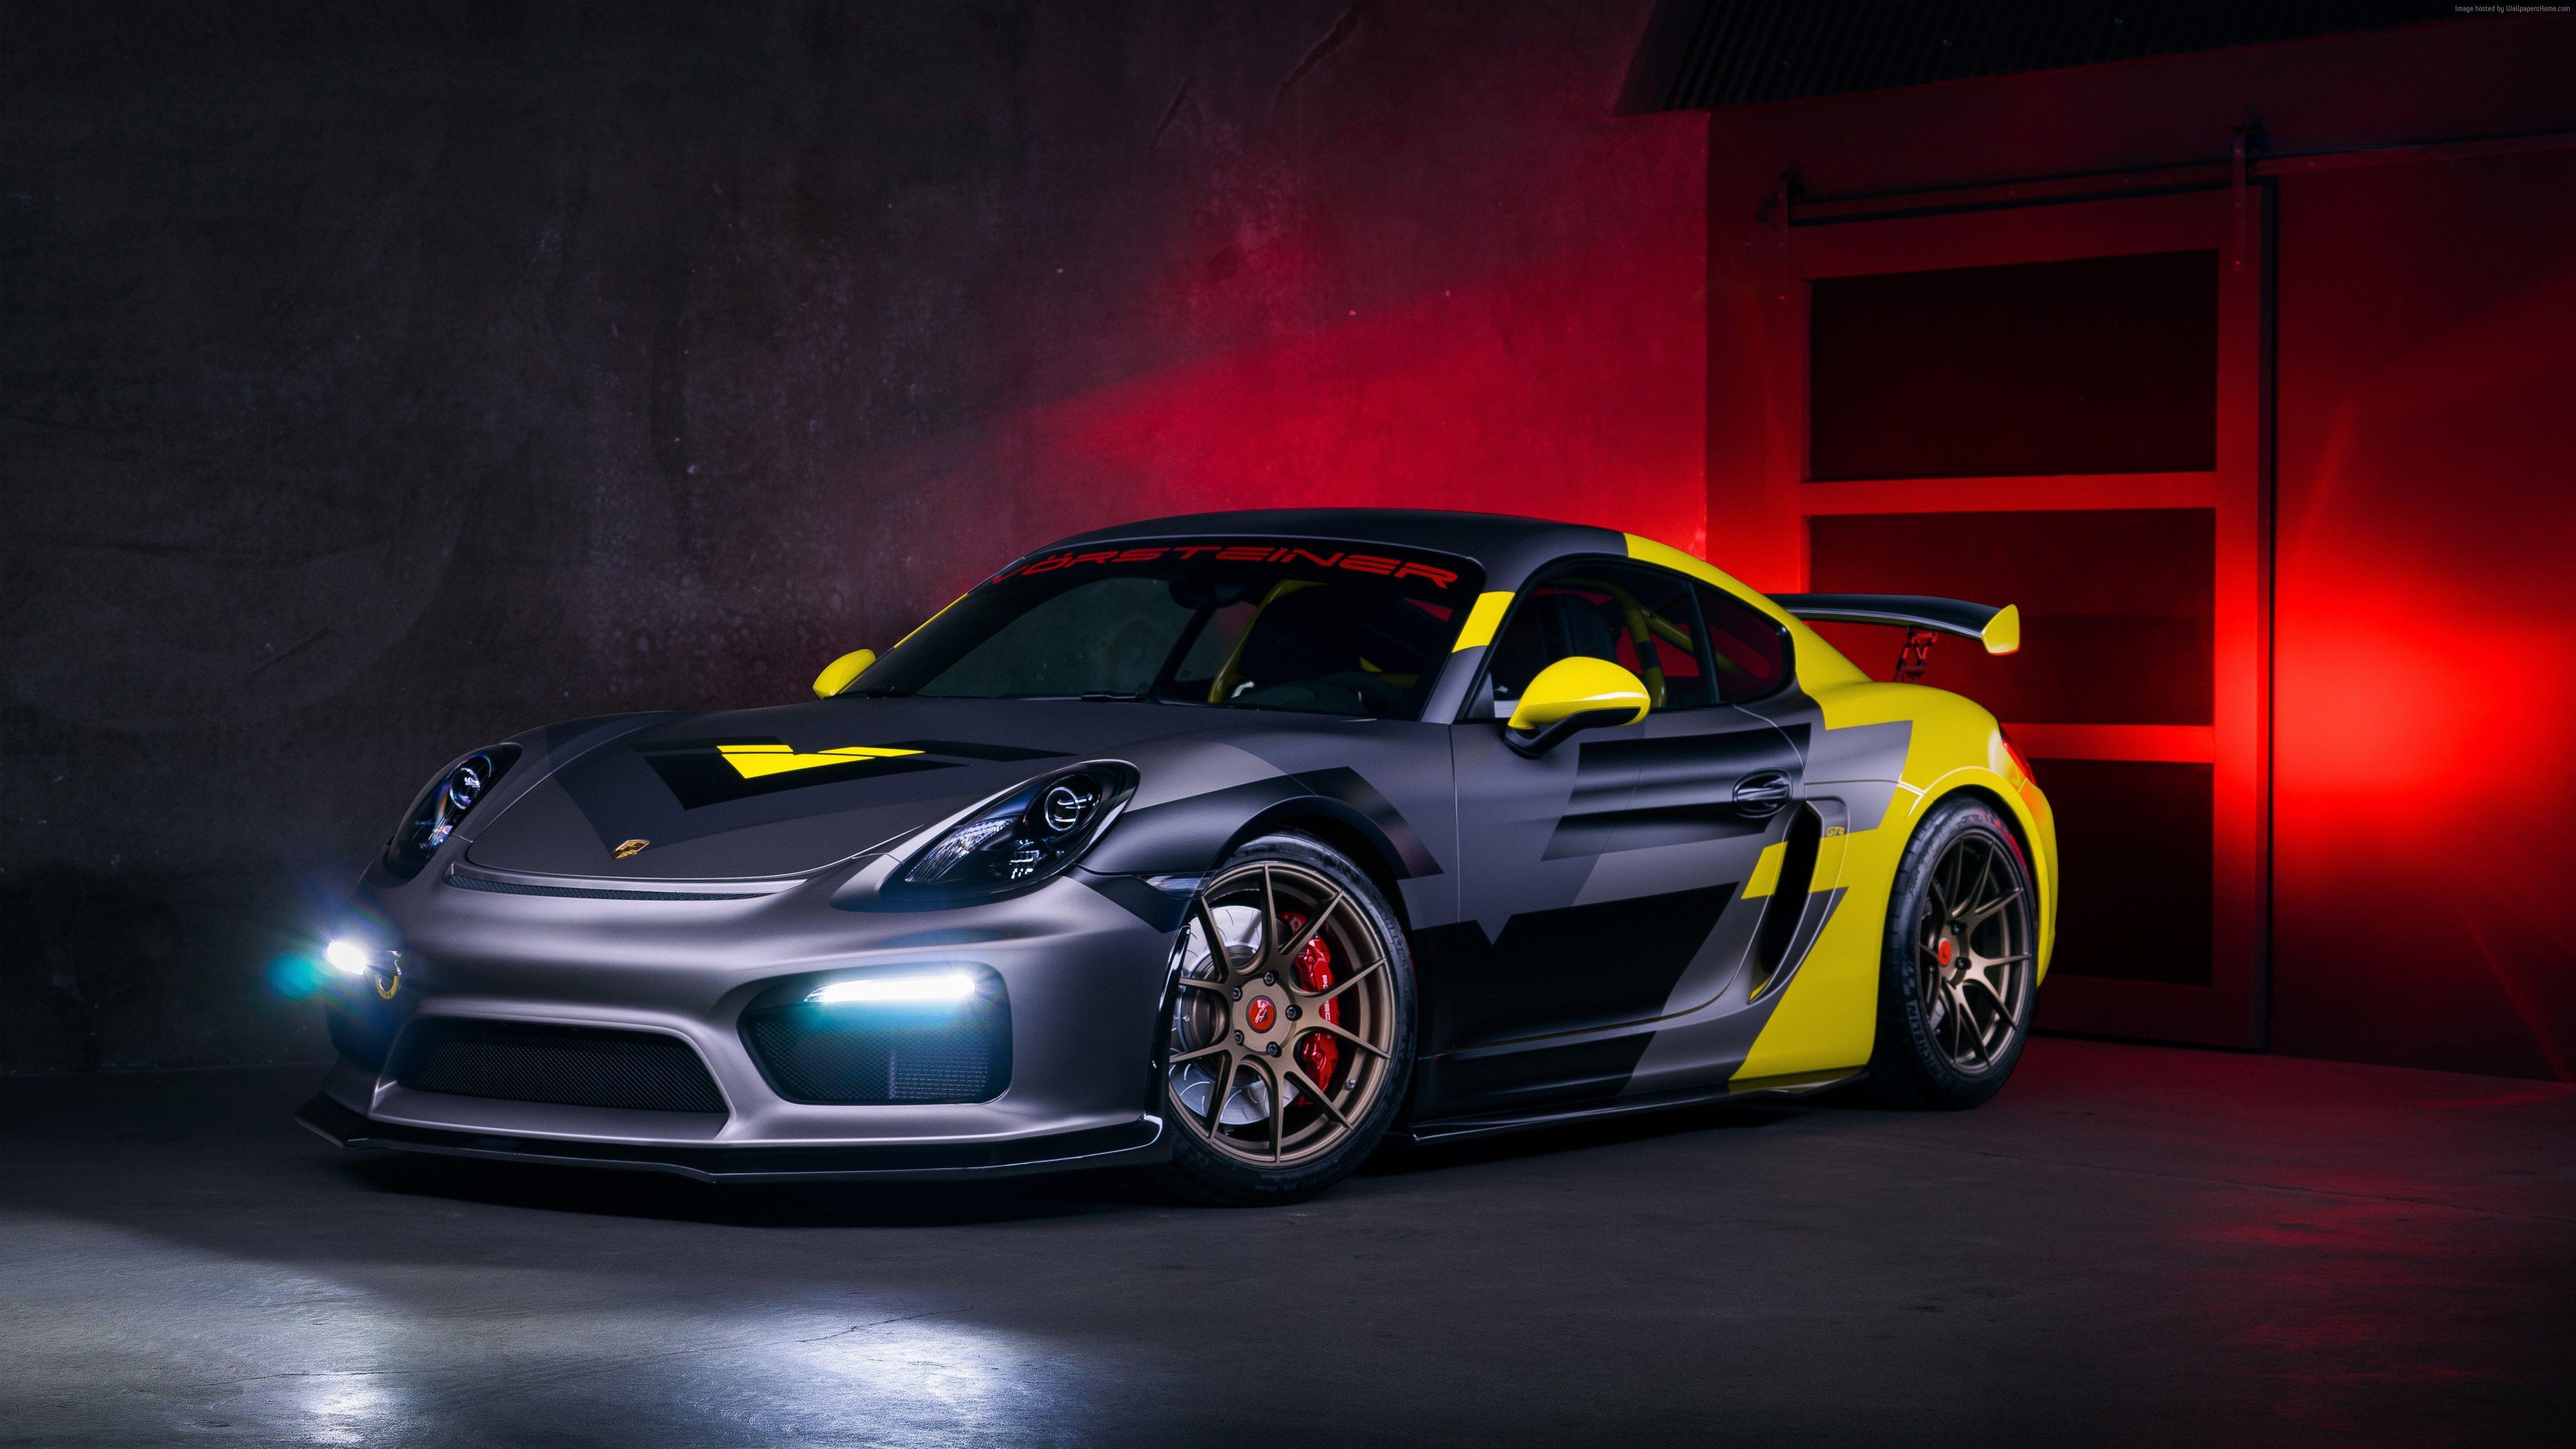 Vorsteiner Porsche Cayman Gt Wallpapers Hd Images Wsupercars Porsche Gt4 Cayman Gt4 Sport Cars